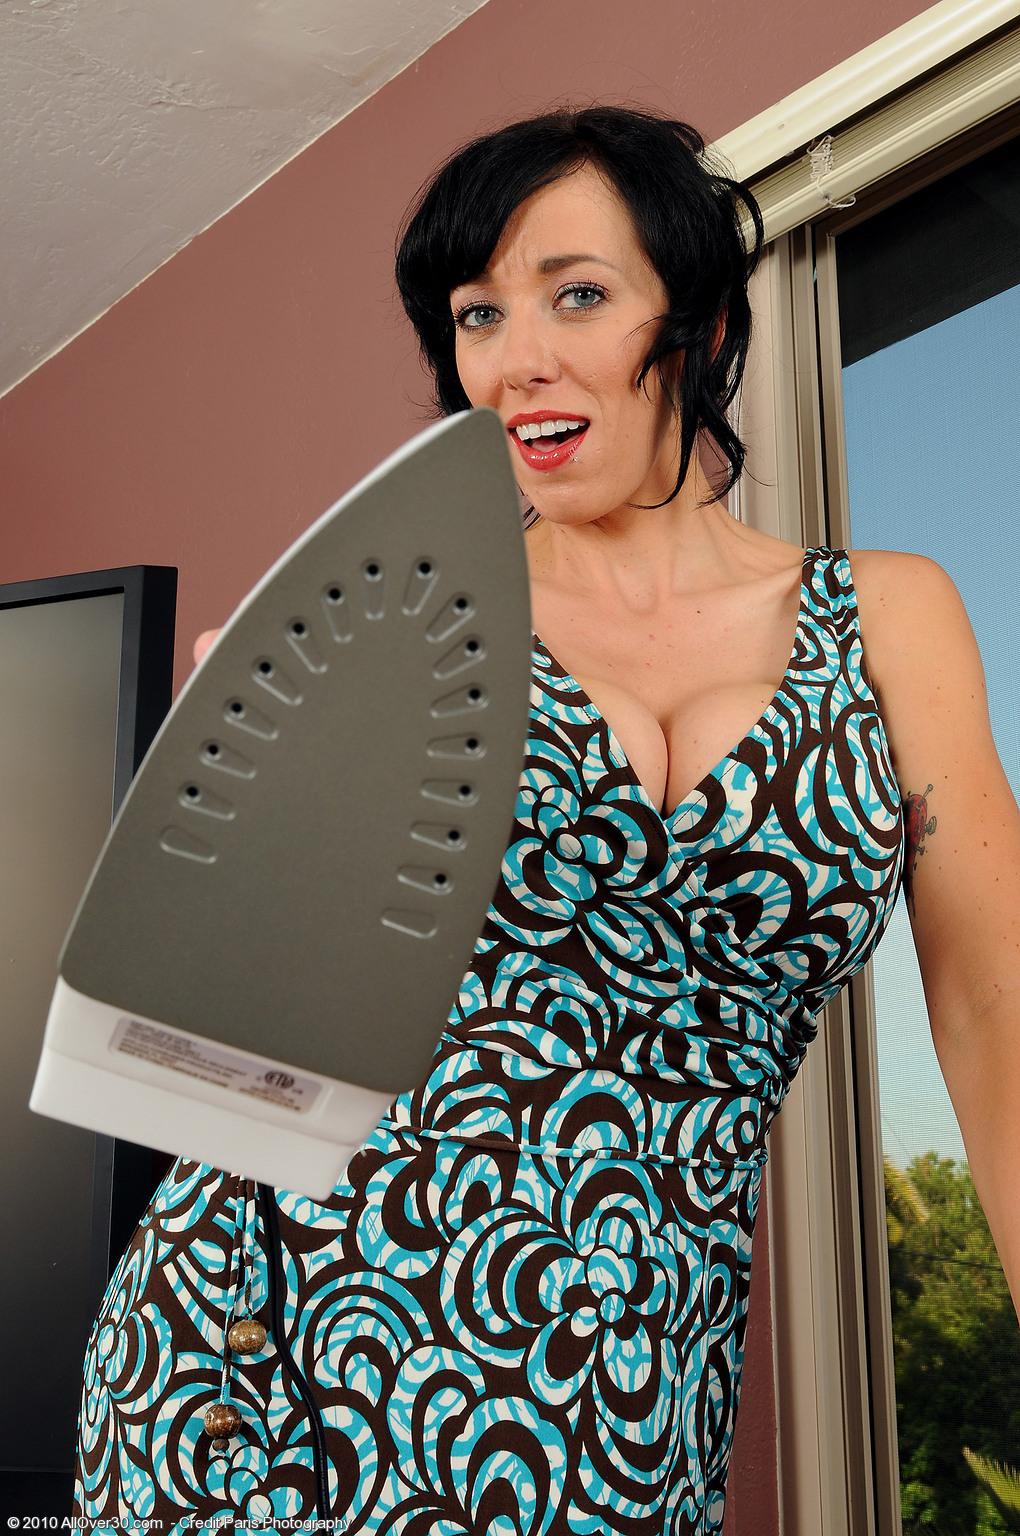 Сногсшибательная брюнетка Alia Janine уже и не надеется на приход клиента